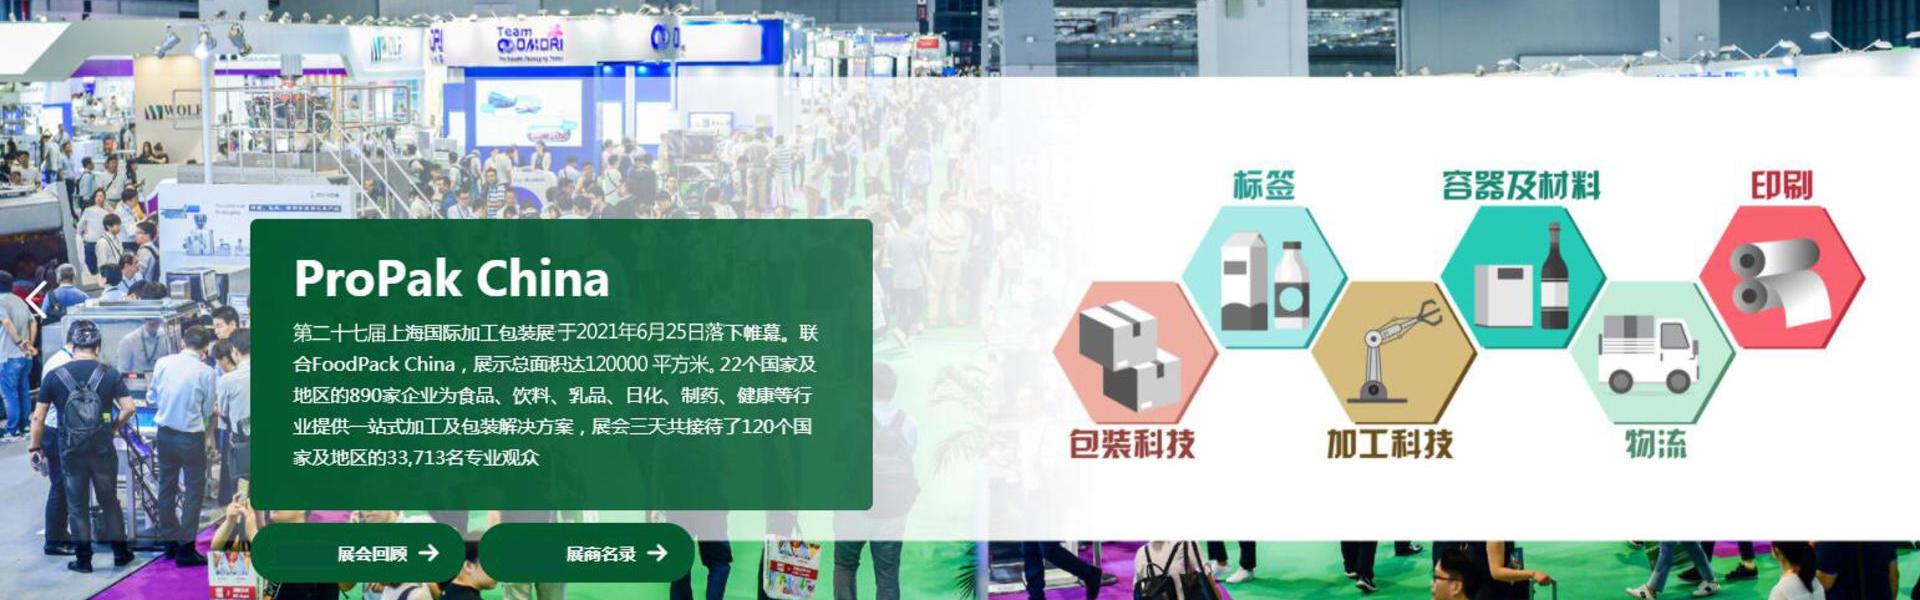 上海加工包装展上届会展回顾